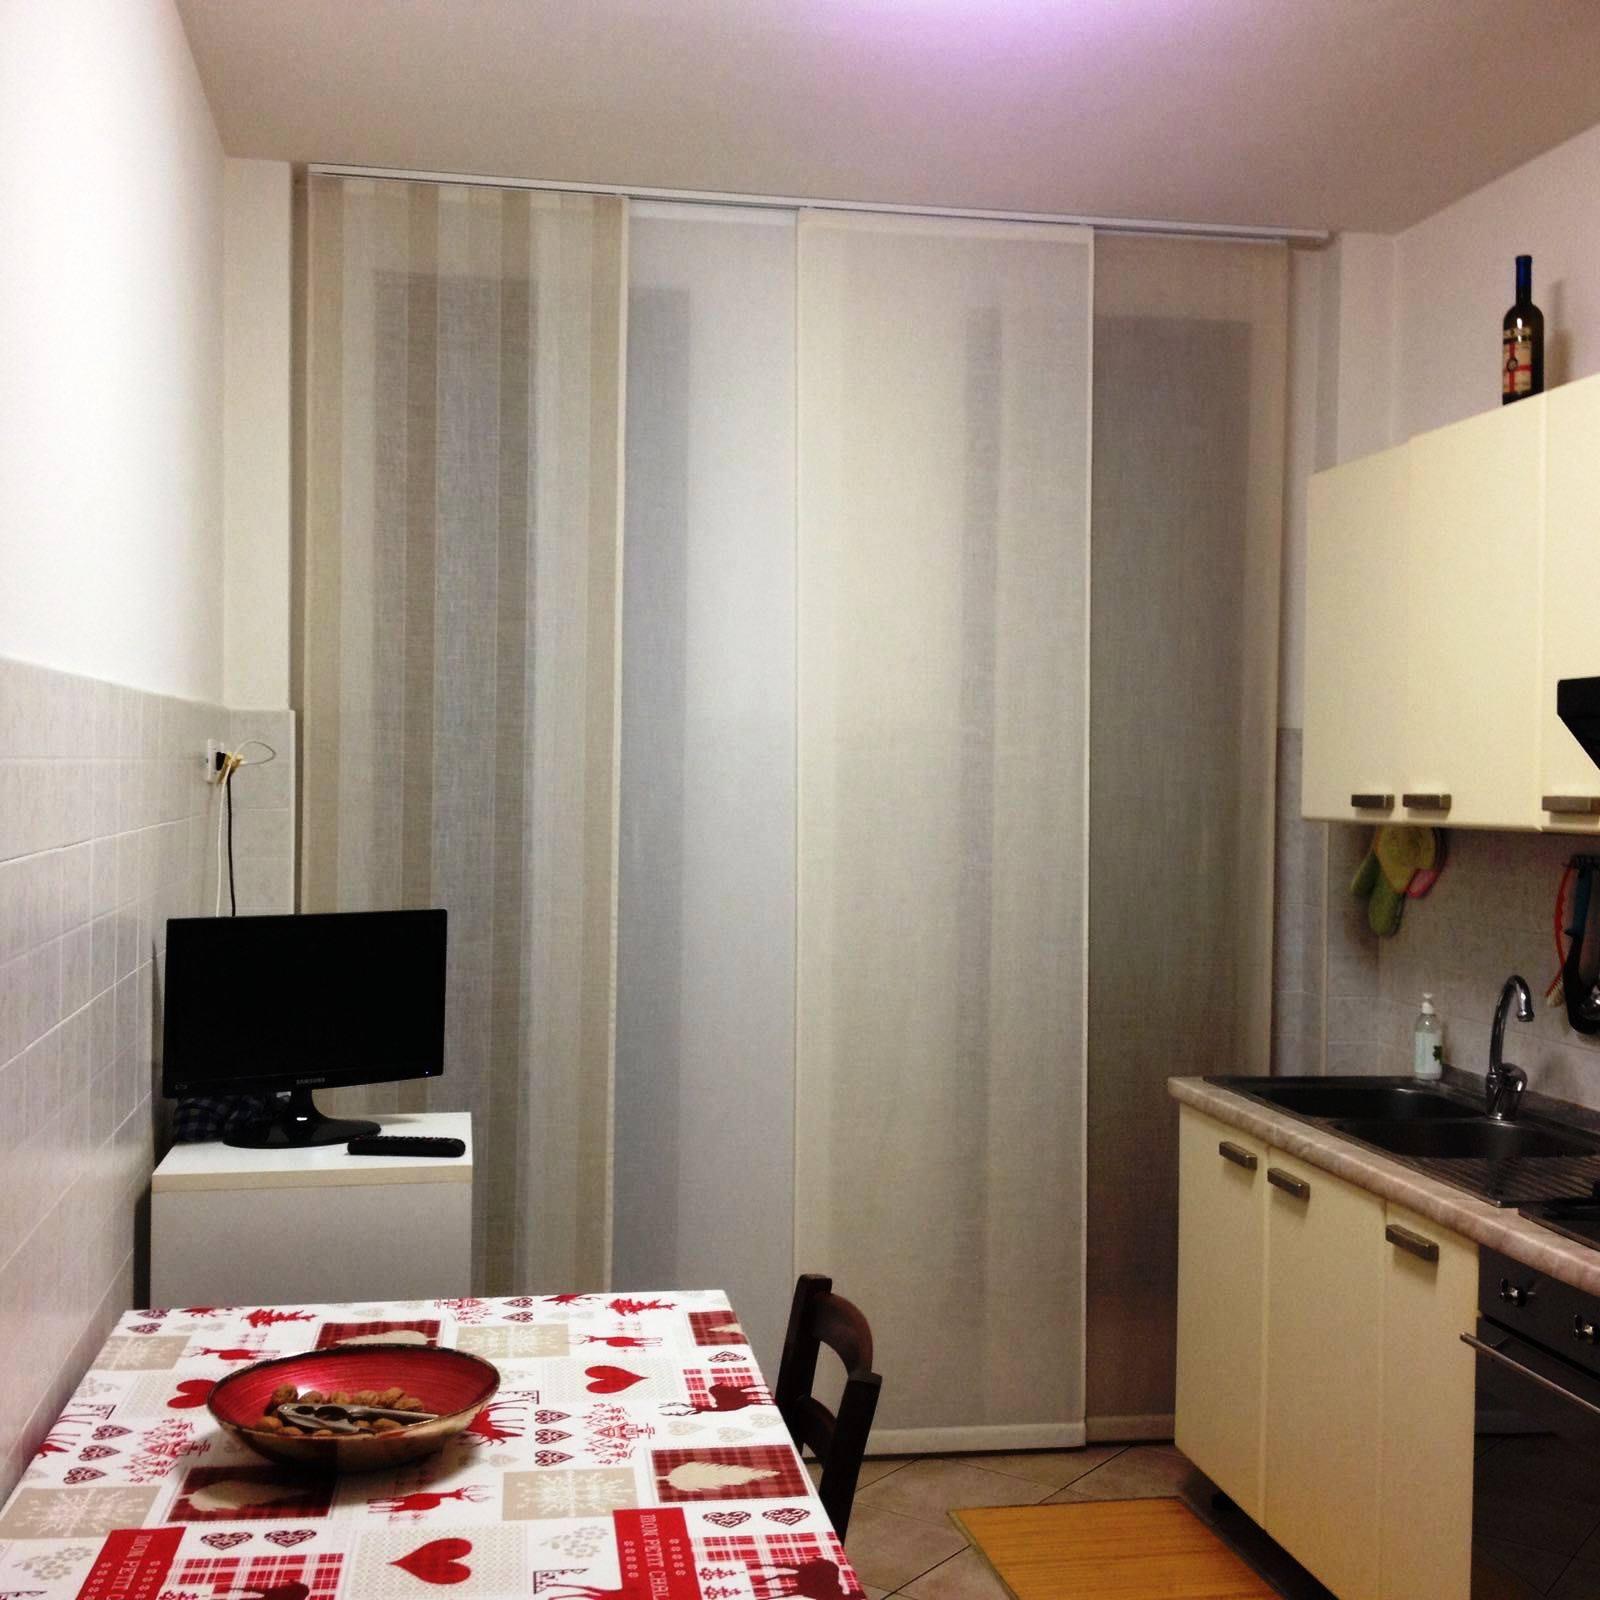 Mantovana Tenda Cucina | Mantovane Per Cucina Moderne Tende E ...